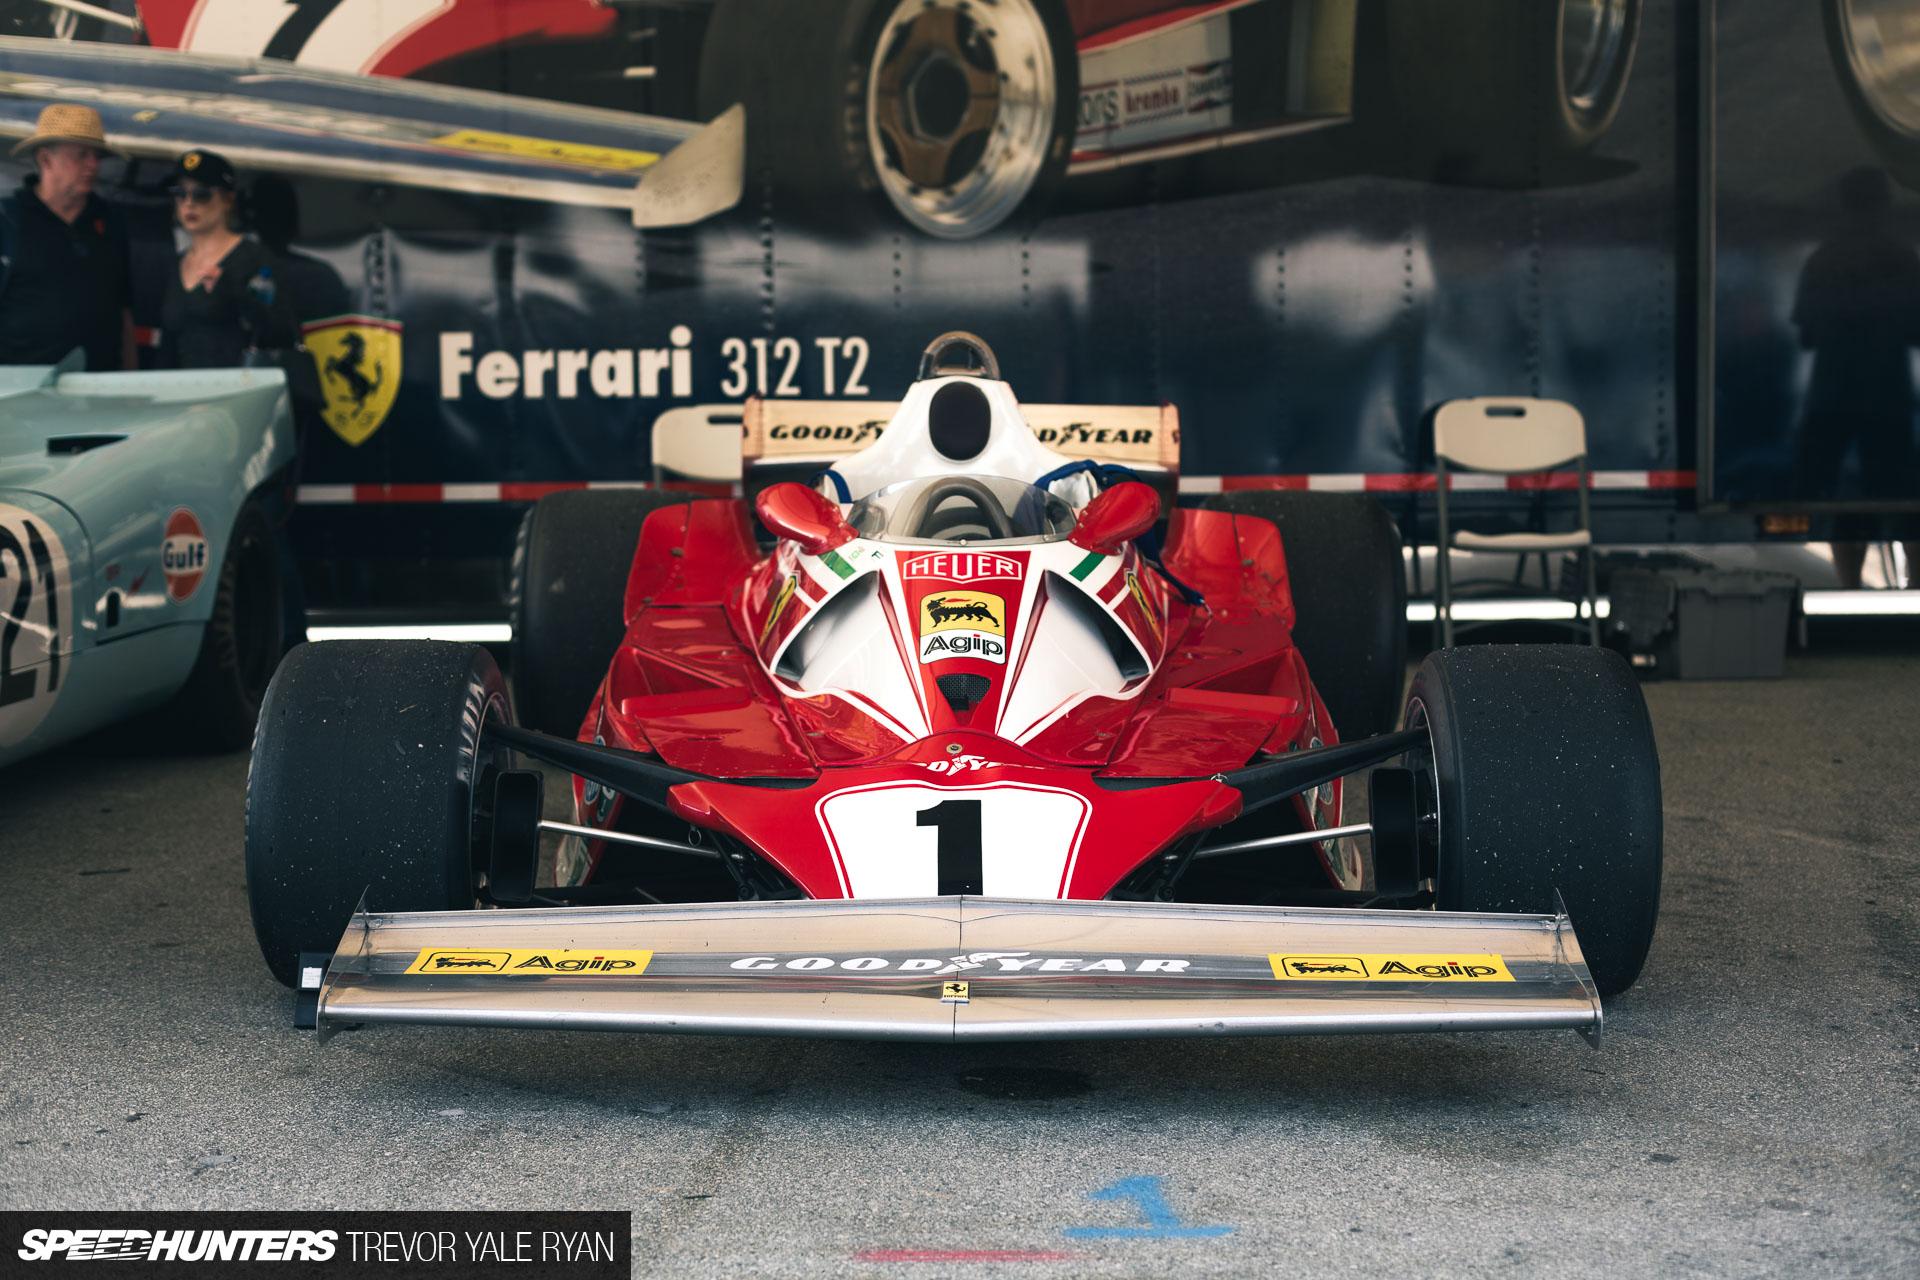 Experiencing Niki Lauda's Ferrari 312 T2 - Speedhunters